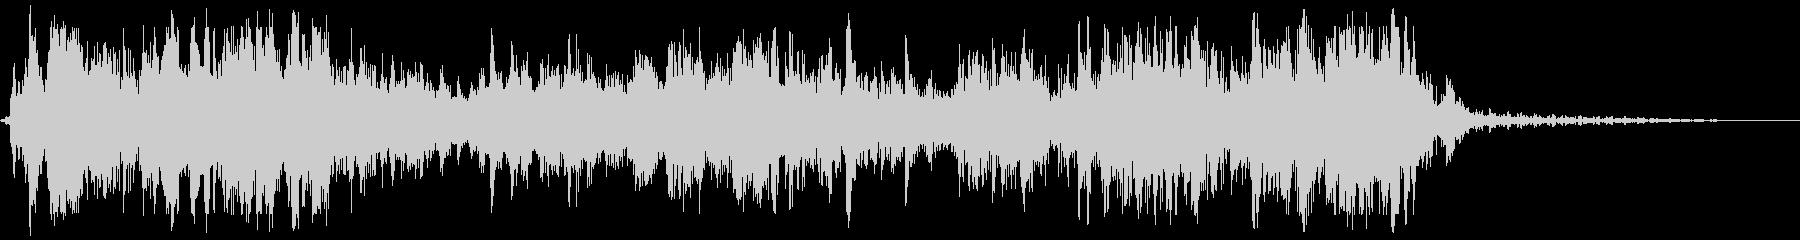 大型メタルドラム:スライドクロスグ...の未再生の波形